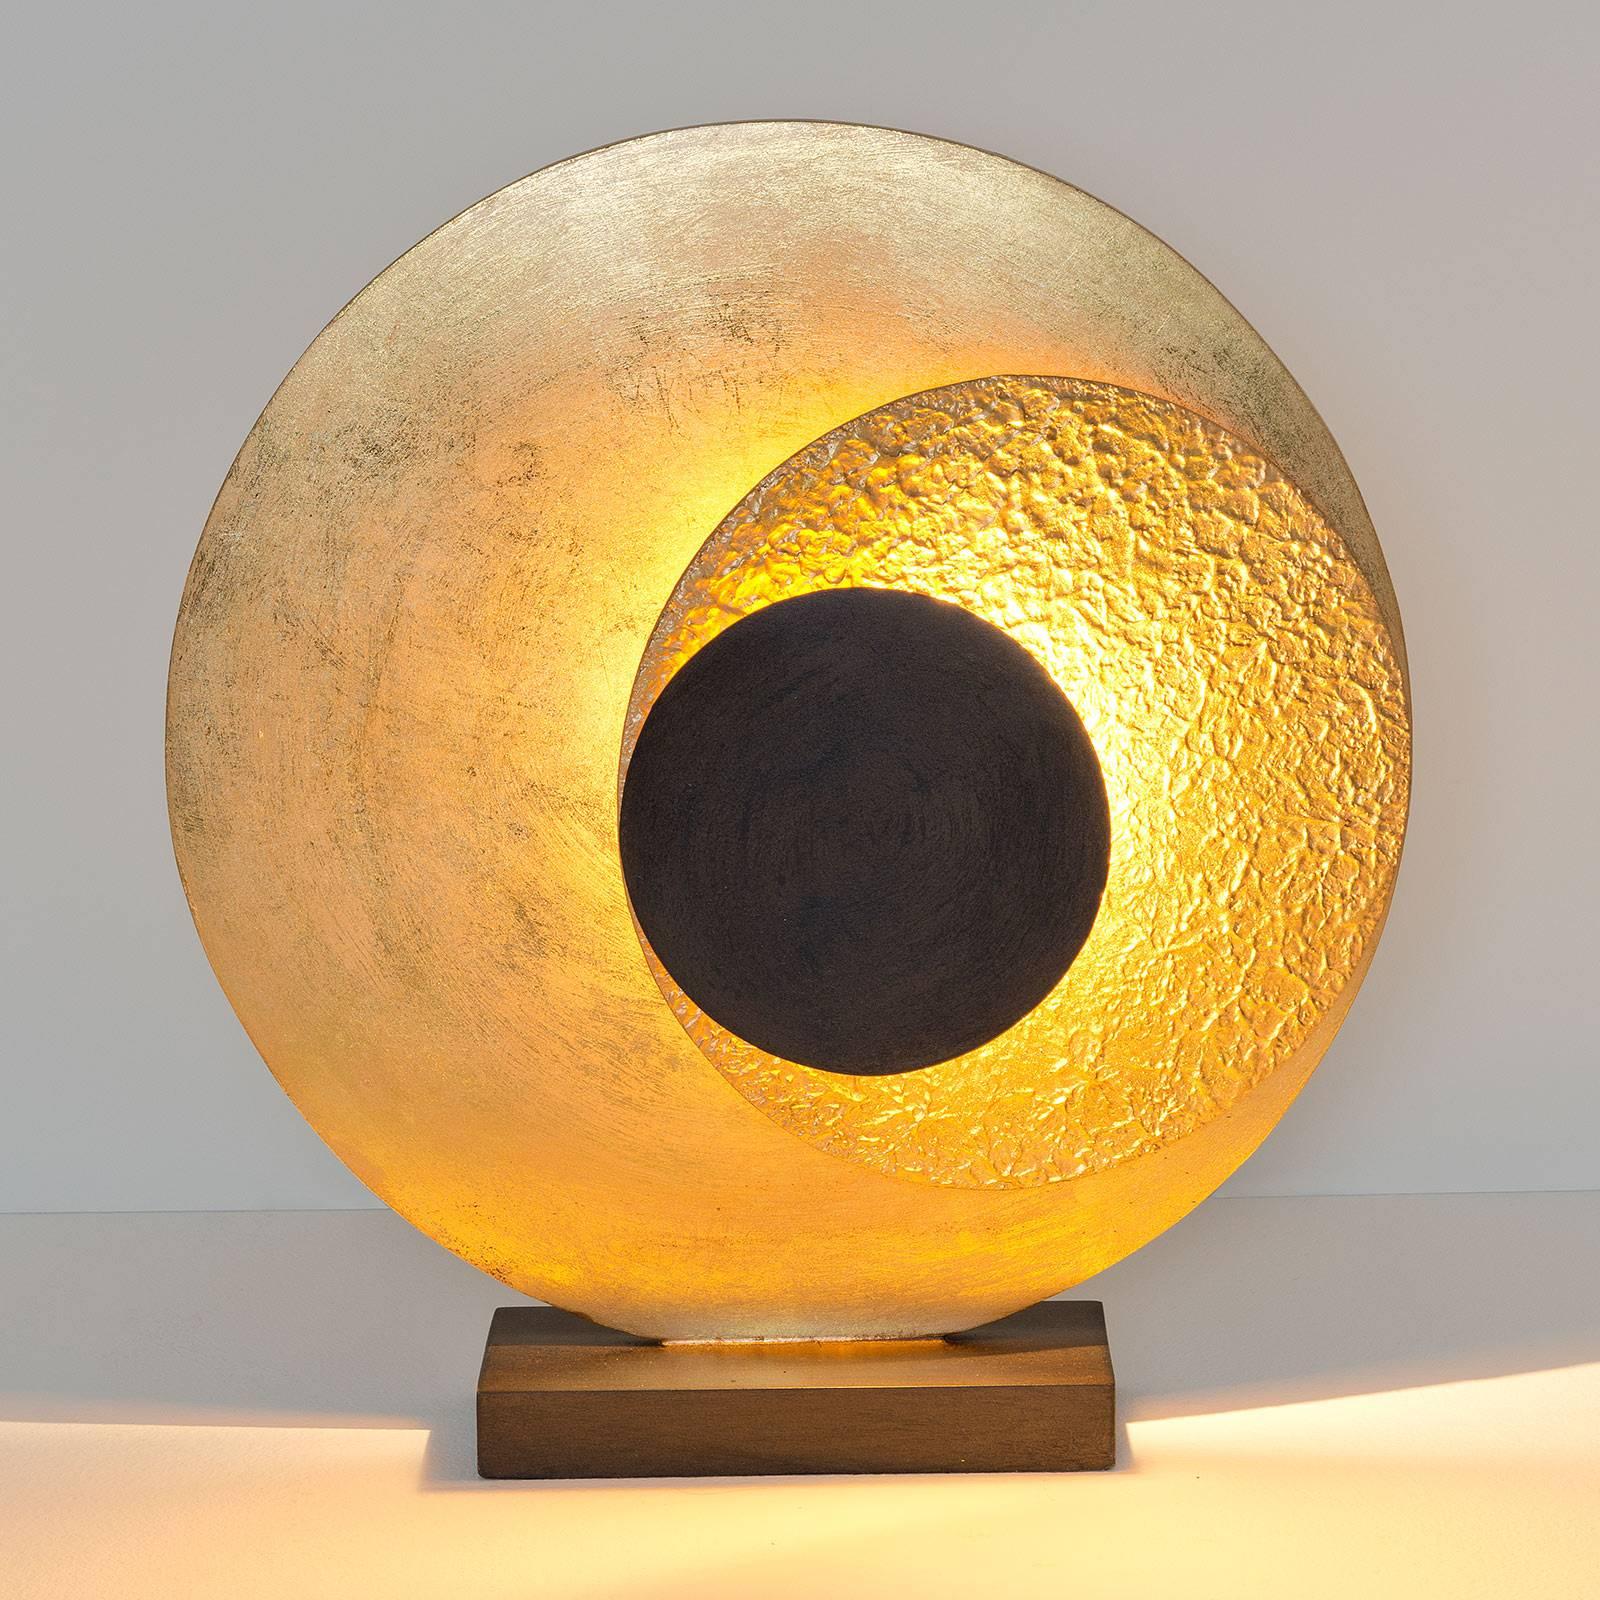 LED-Tischleuchte La Bocca, Höhe 43 cm, gold-braun